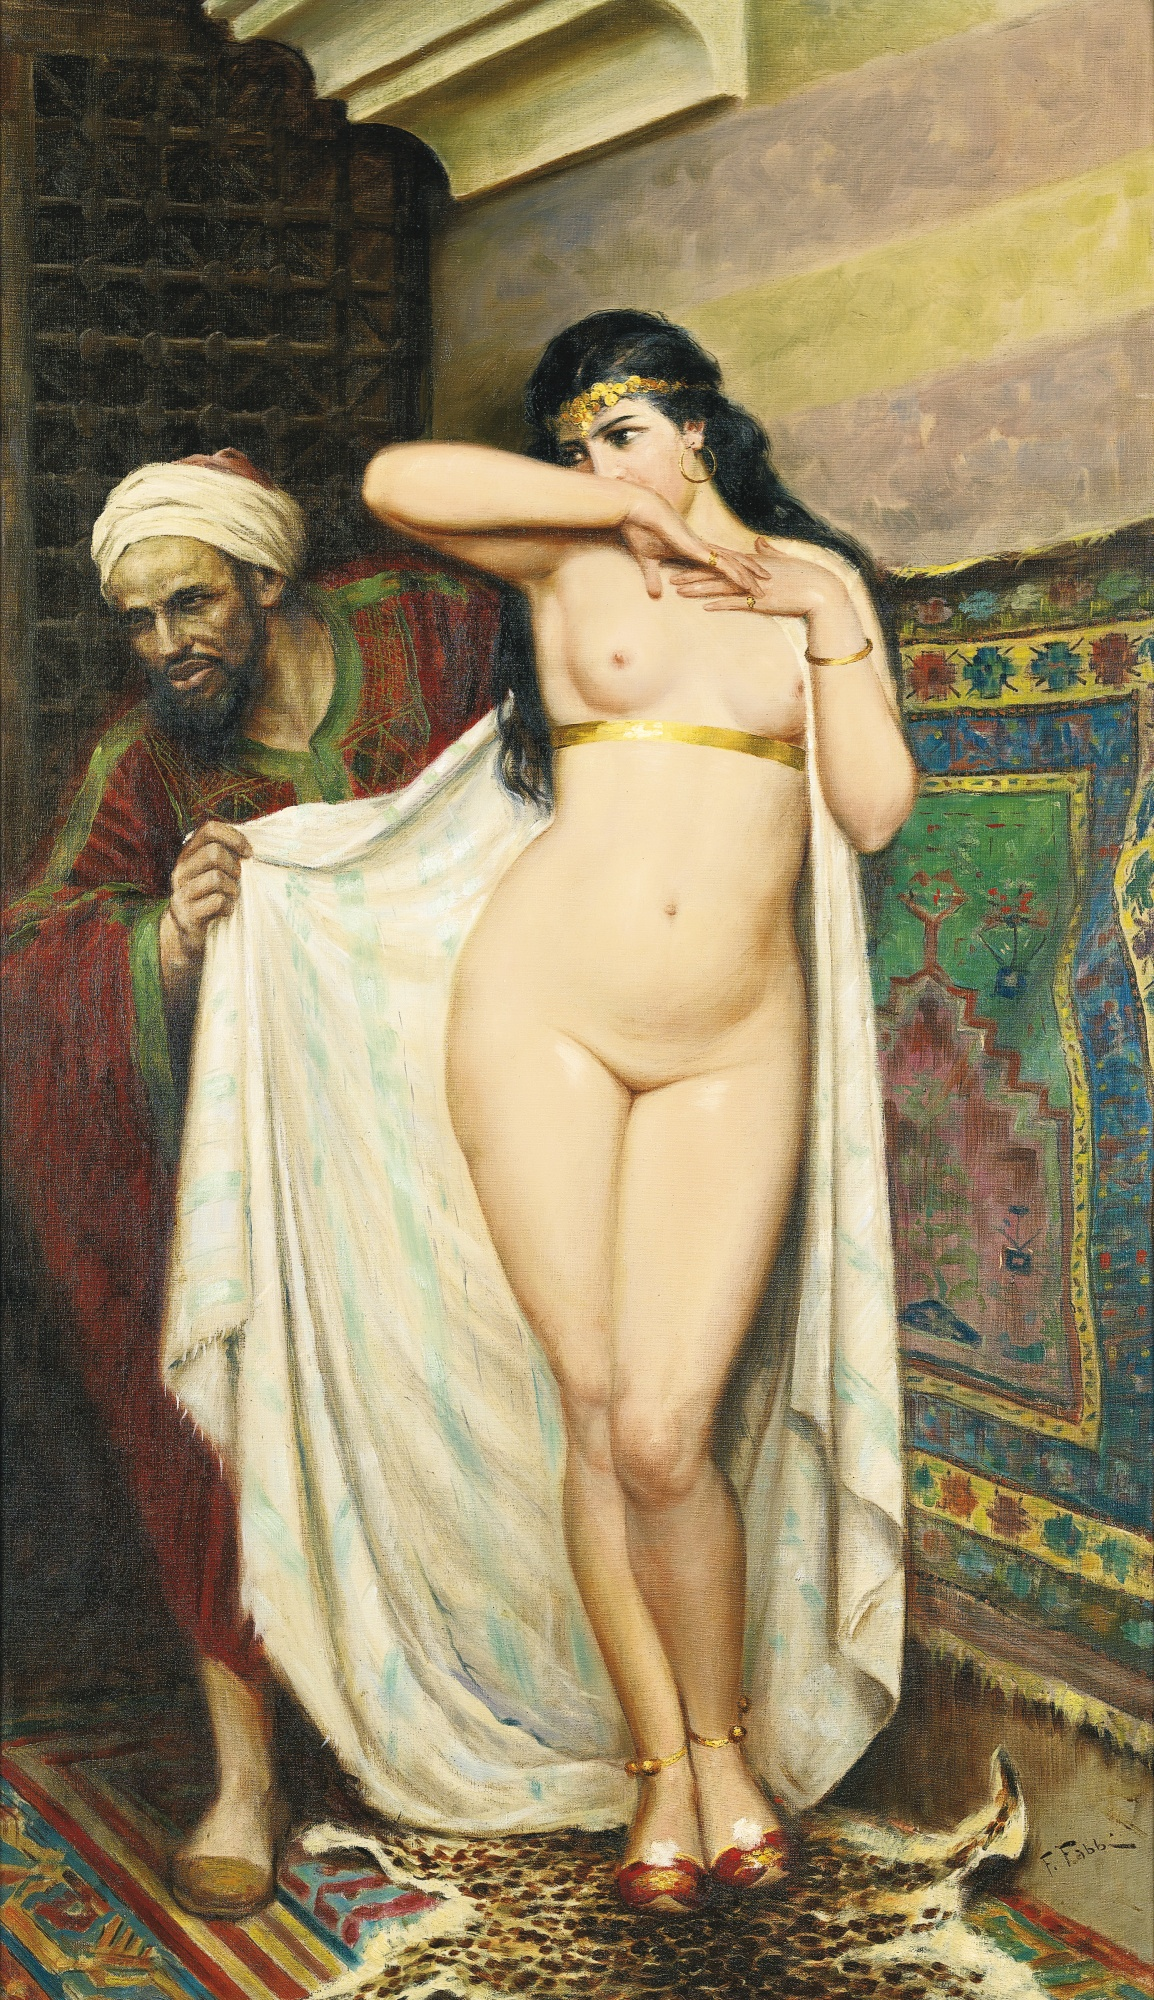 Fabio Fabbi, 1861-1946. Рынок рабов. 1931. 116 х 65.5 см. Частная коллекция